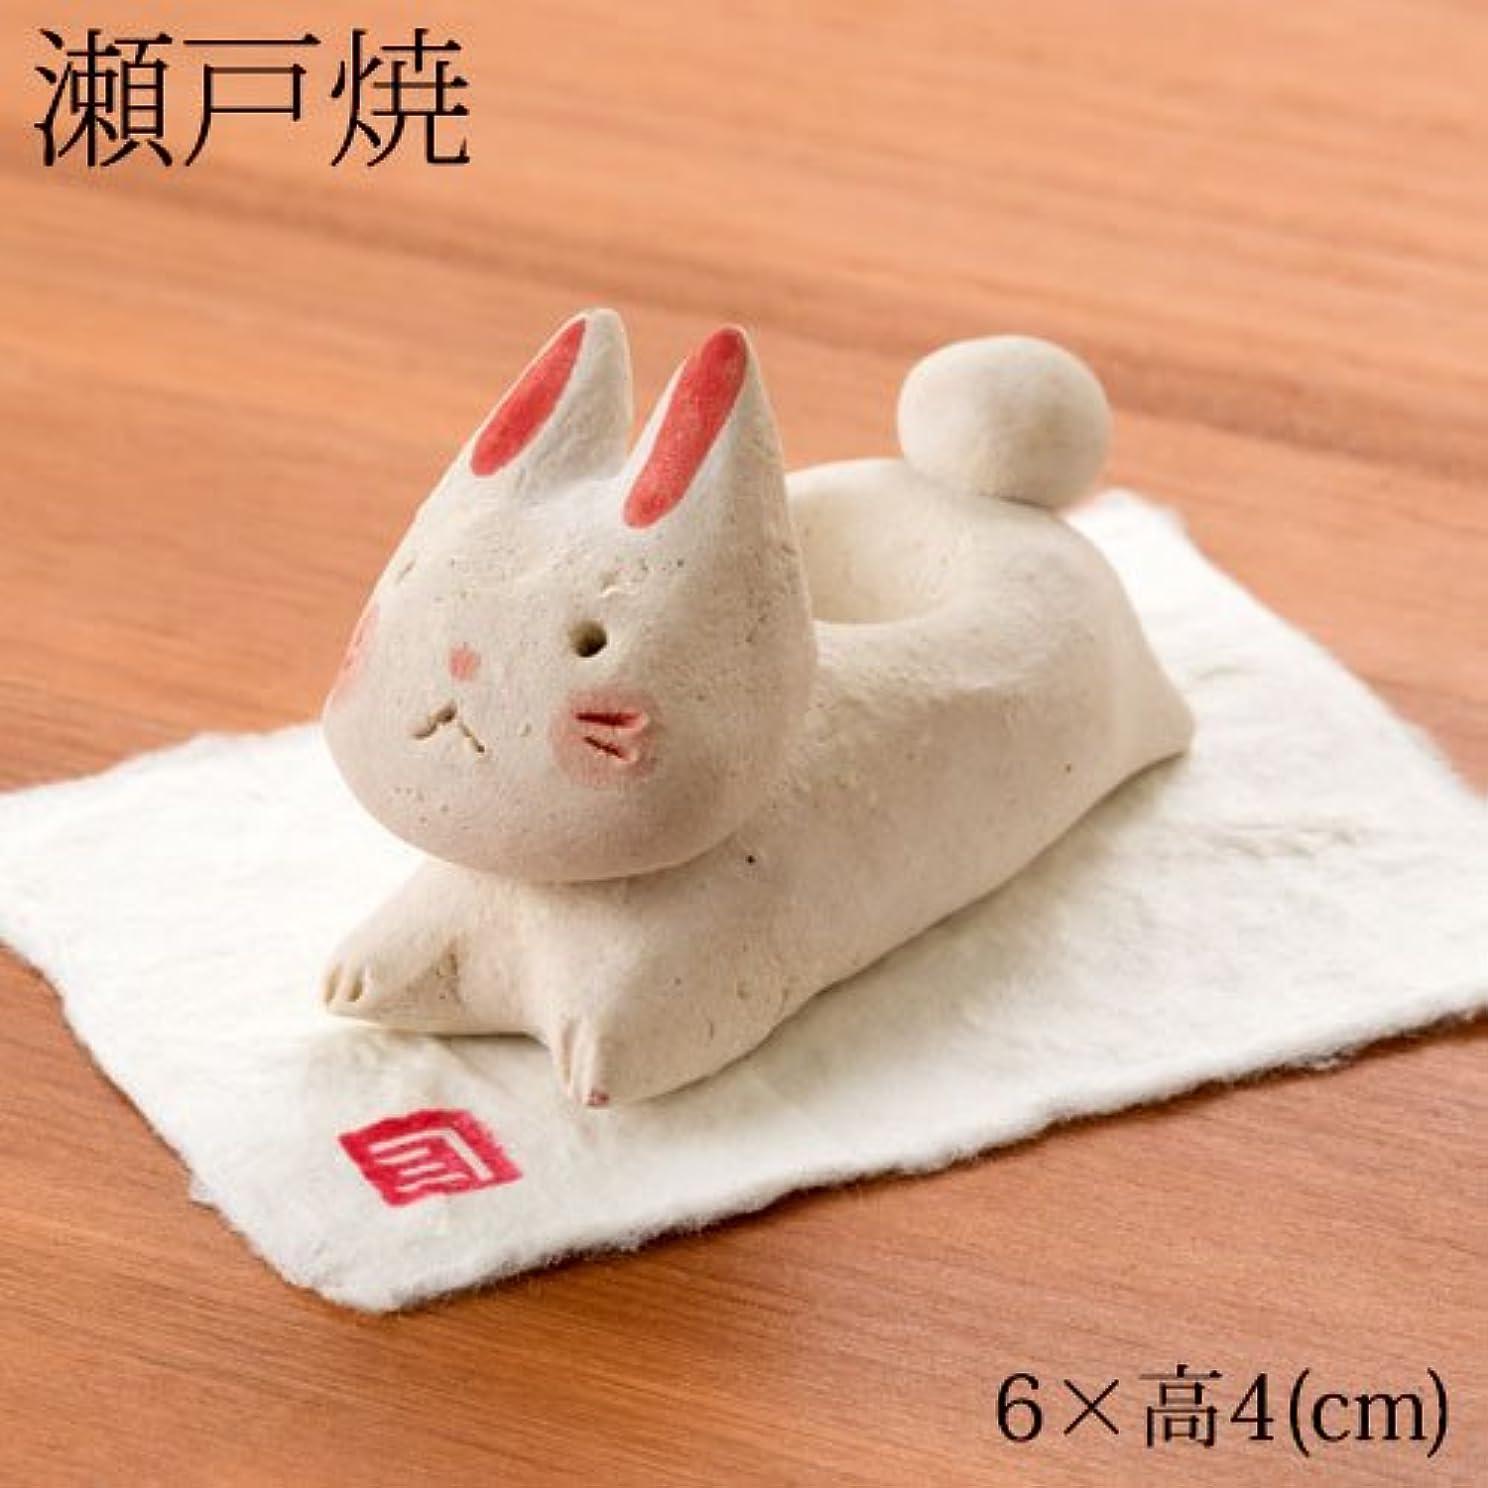 水平オーディション定常瀬戸焼兎アロマストーン (K6302)愛知県の工芸品Seto-yaki Aroma stone, Aichi craft